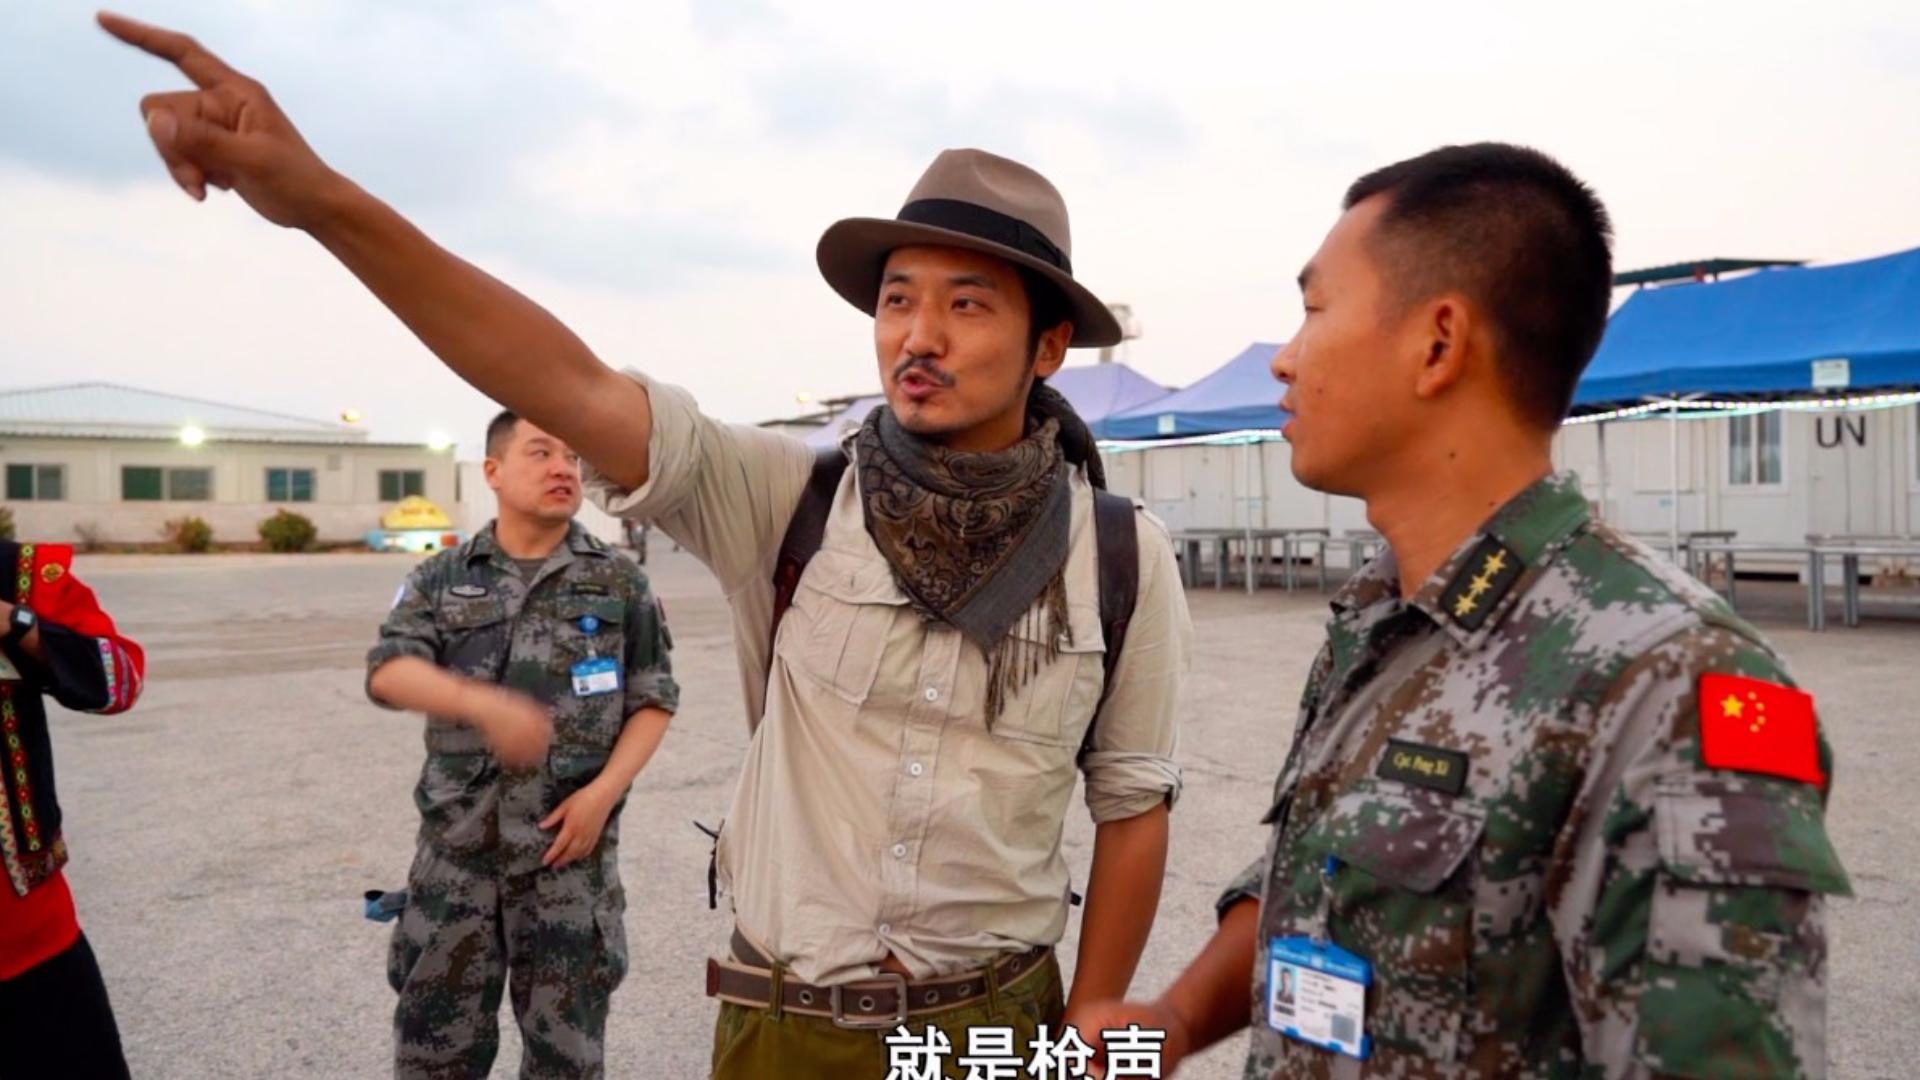 雷探长探访中国驻黎巴嫩维和部队,传播中国文化,当地人都这样评价